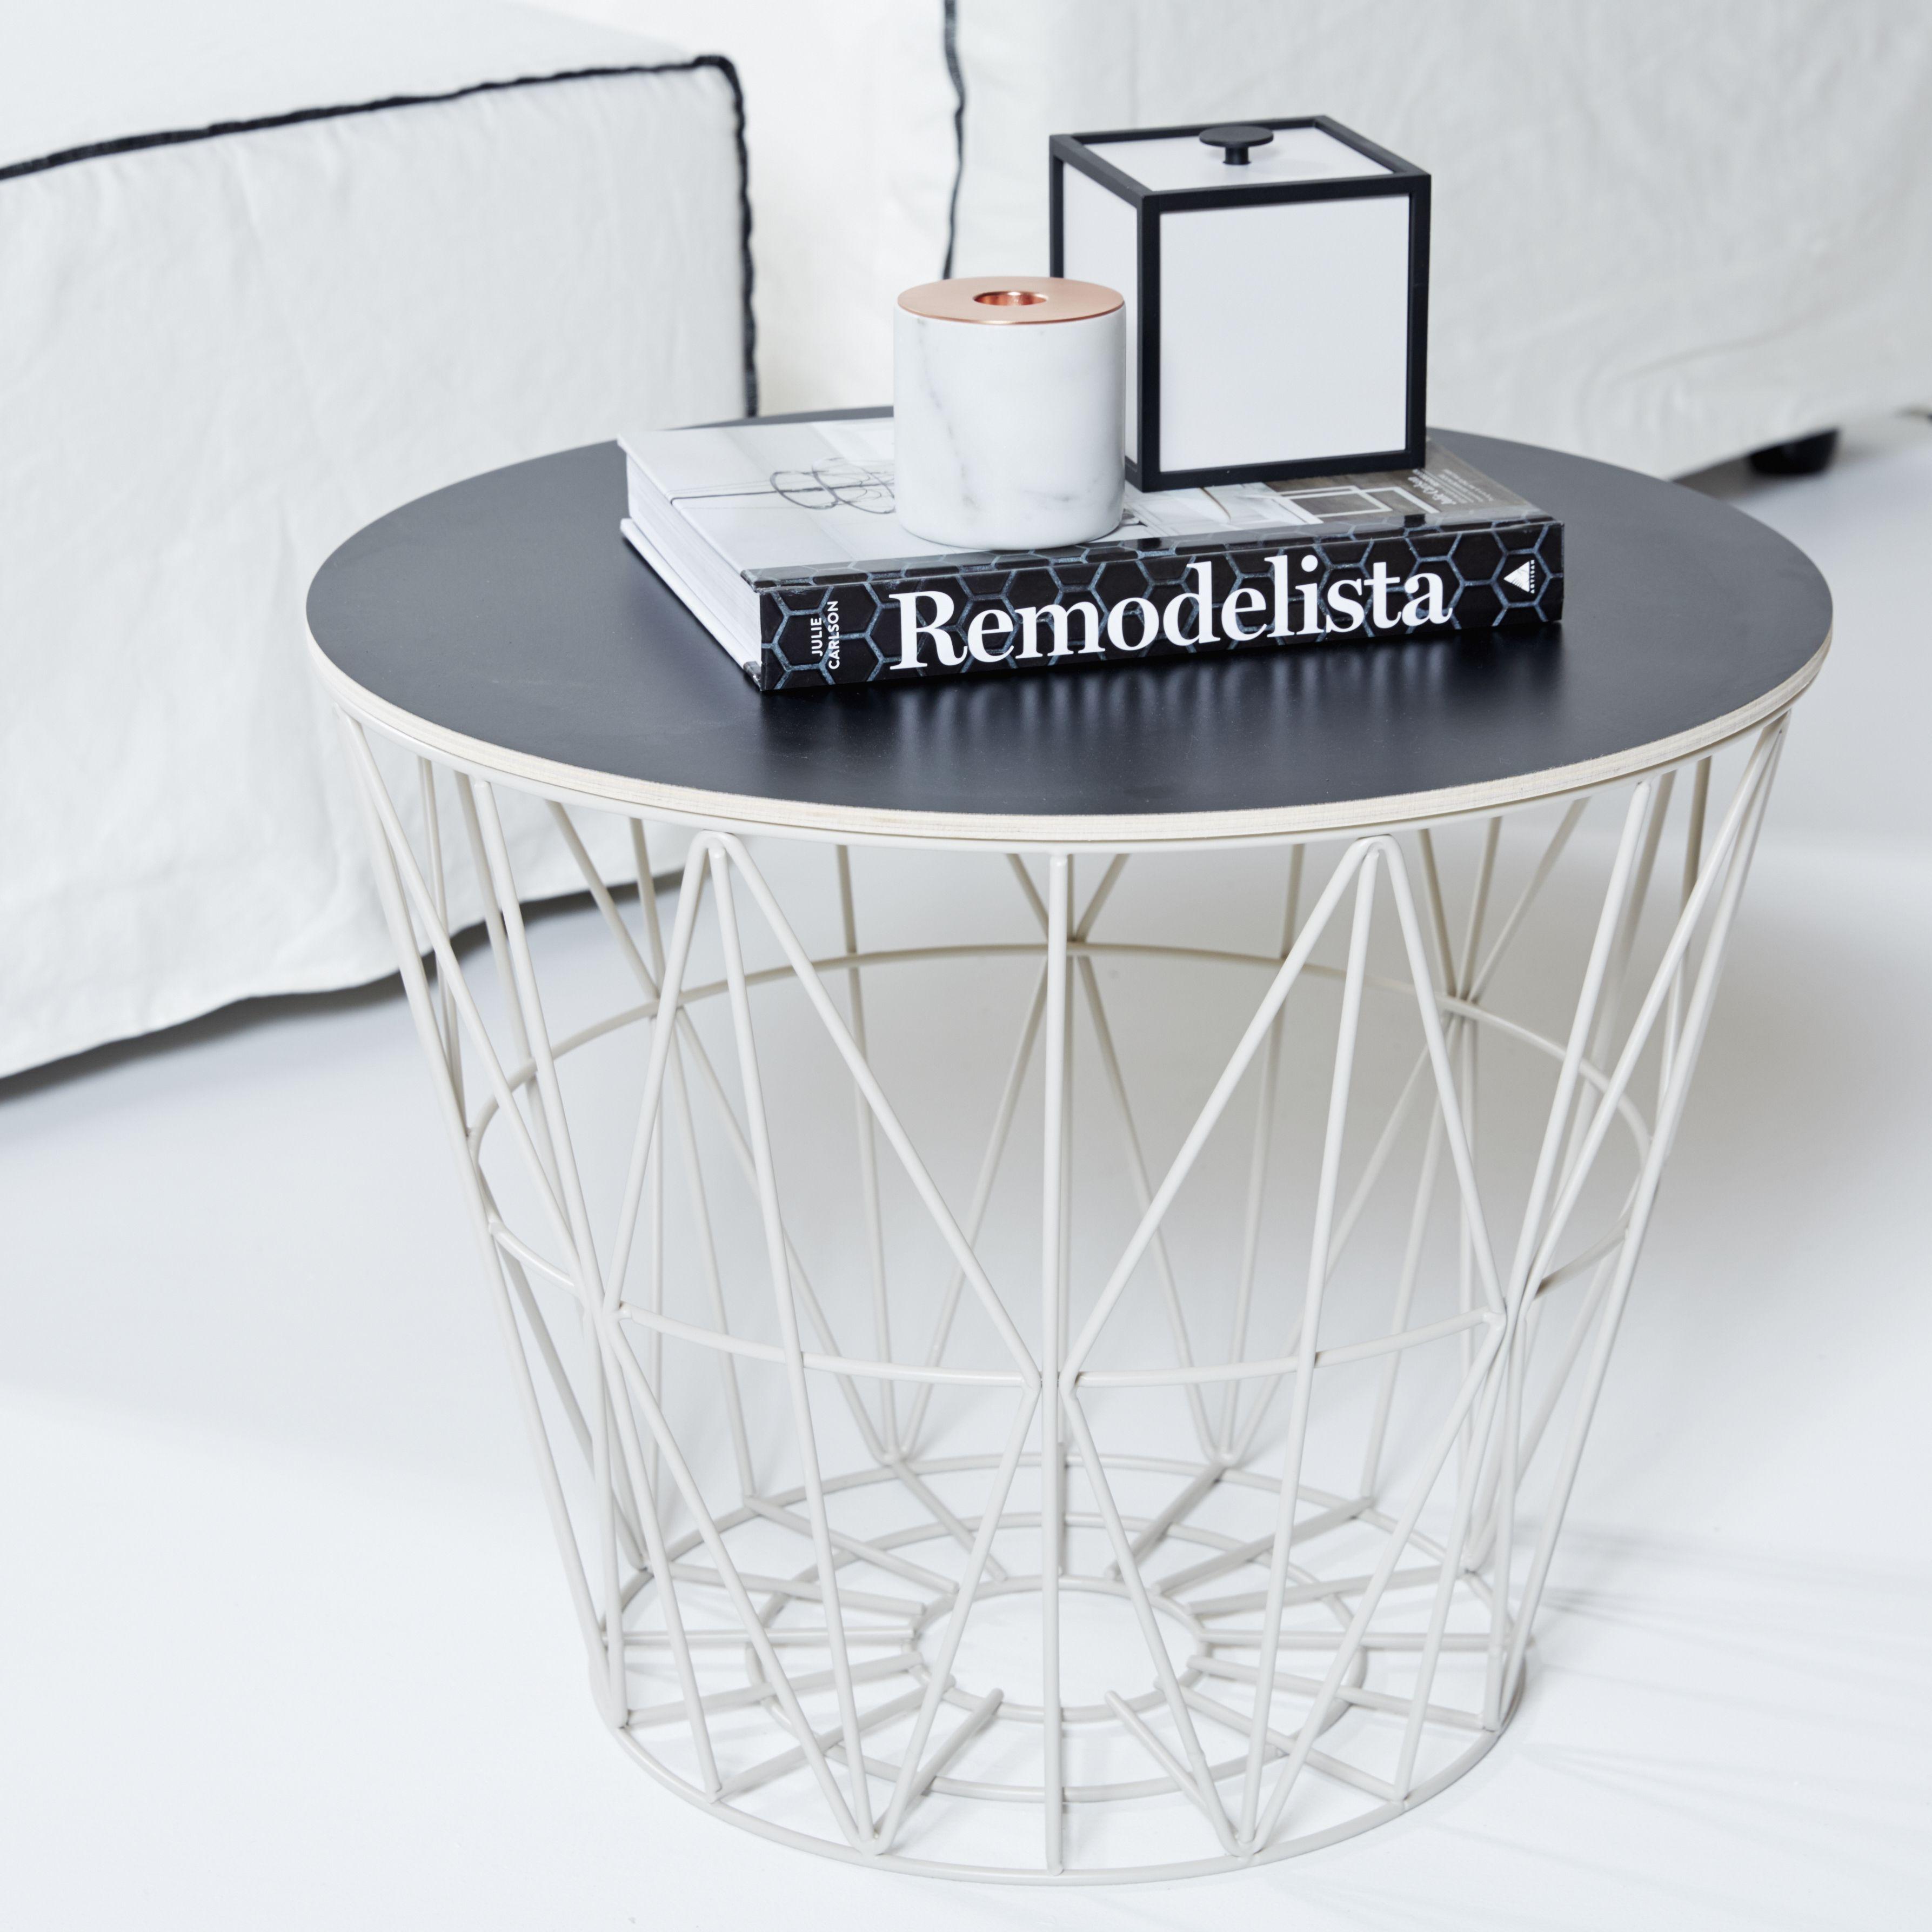 Ferm living wire basket styled by urban couture Home Deko IndustriedesignMetallHolzWohnzimmerInnenarchitekturStuhl BeistelltischBeistelltischeMars